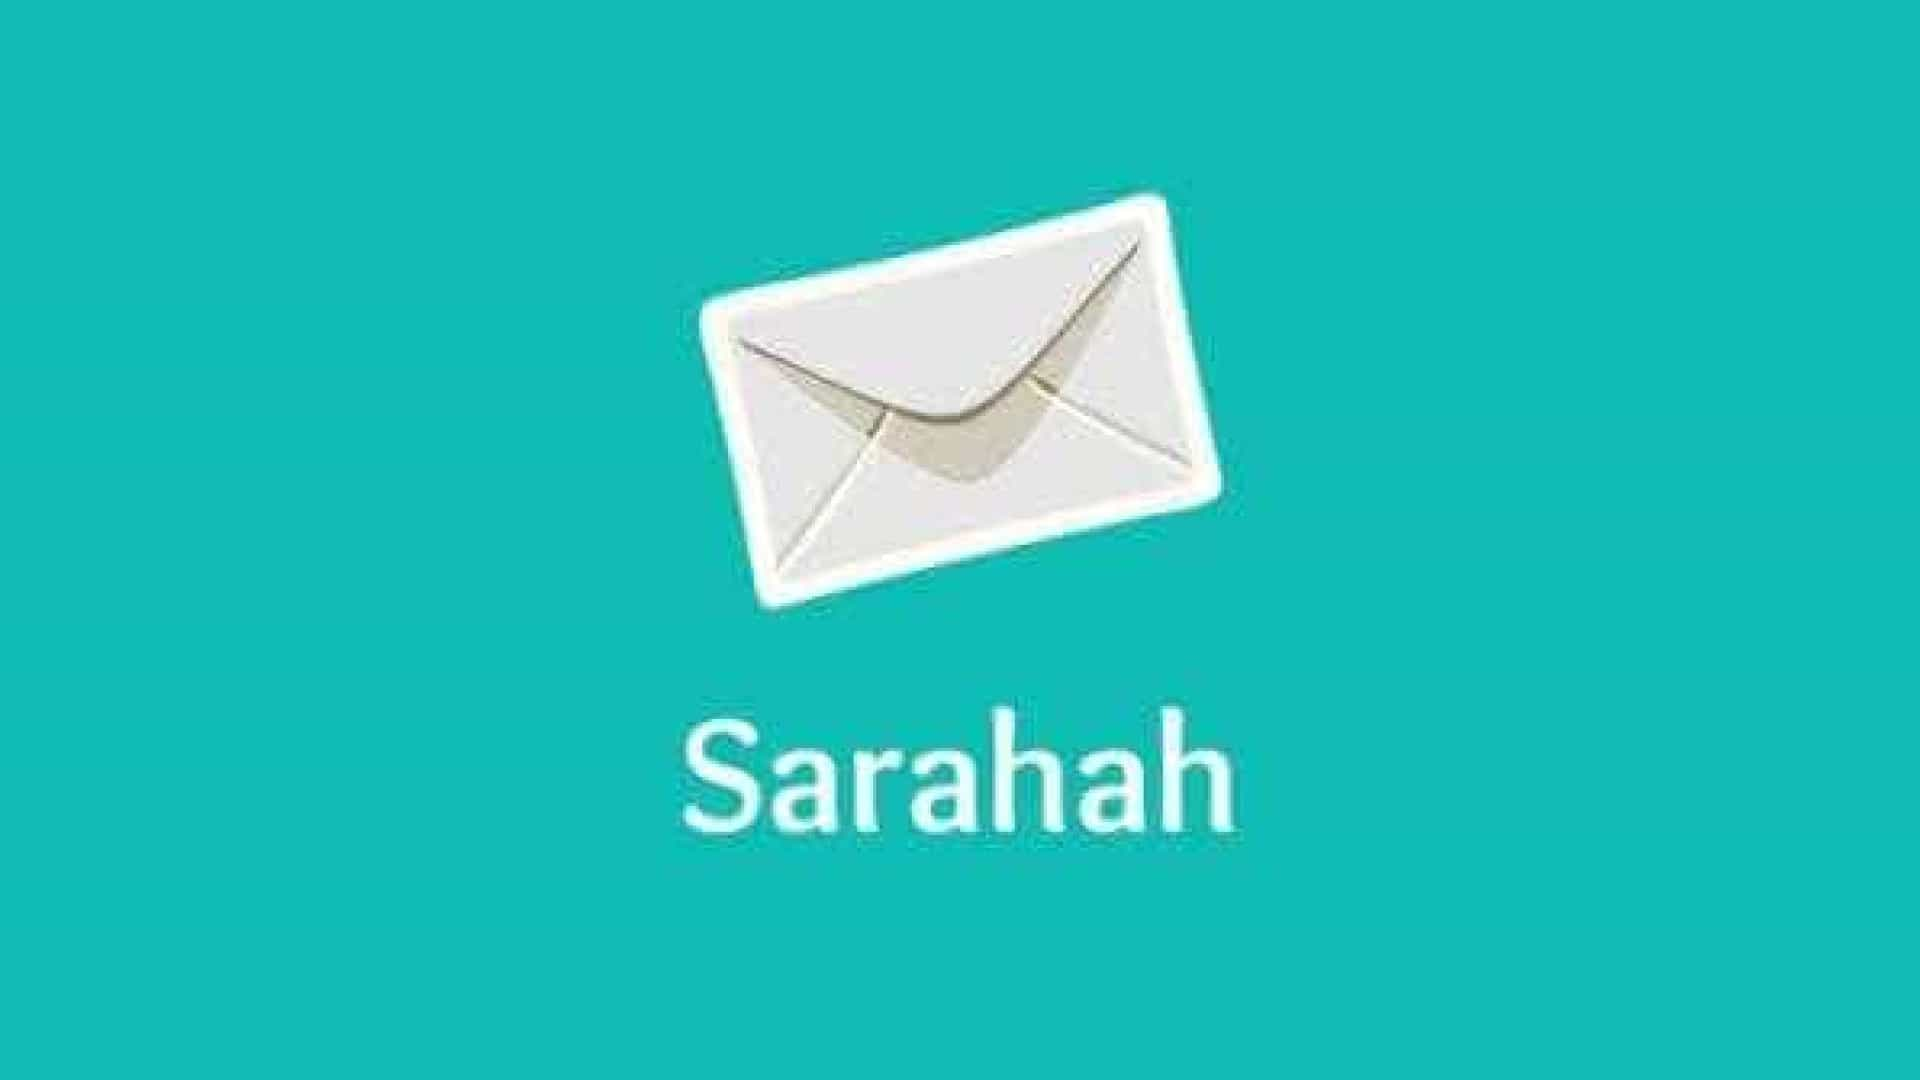 Sarahah copia números de contatos sem consentimento de usuários